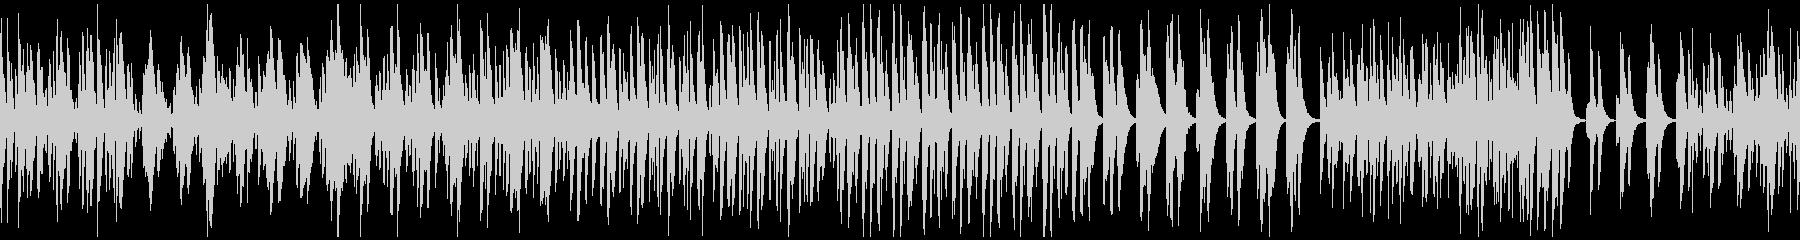 【木漏れ日】ファンタジー系  ループの未再生の波形